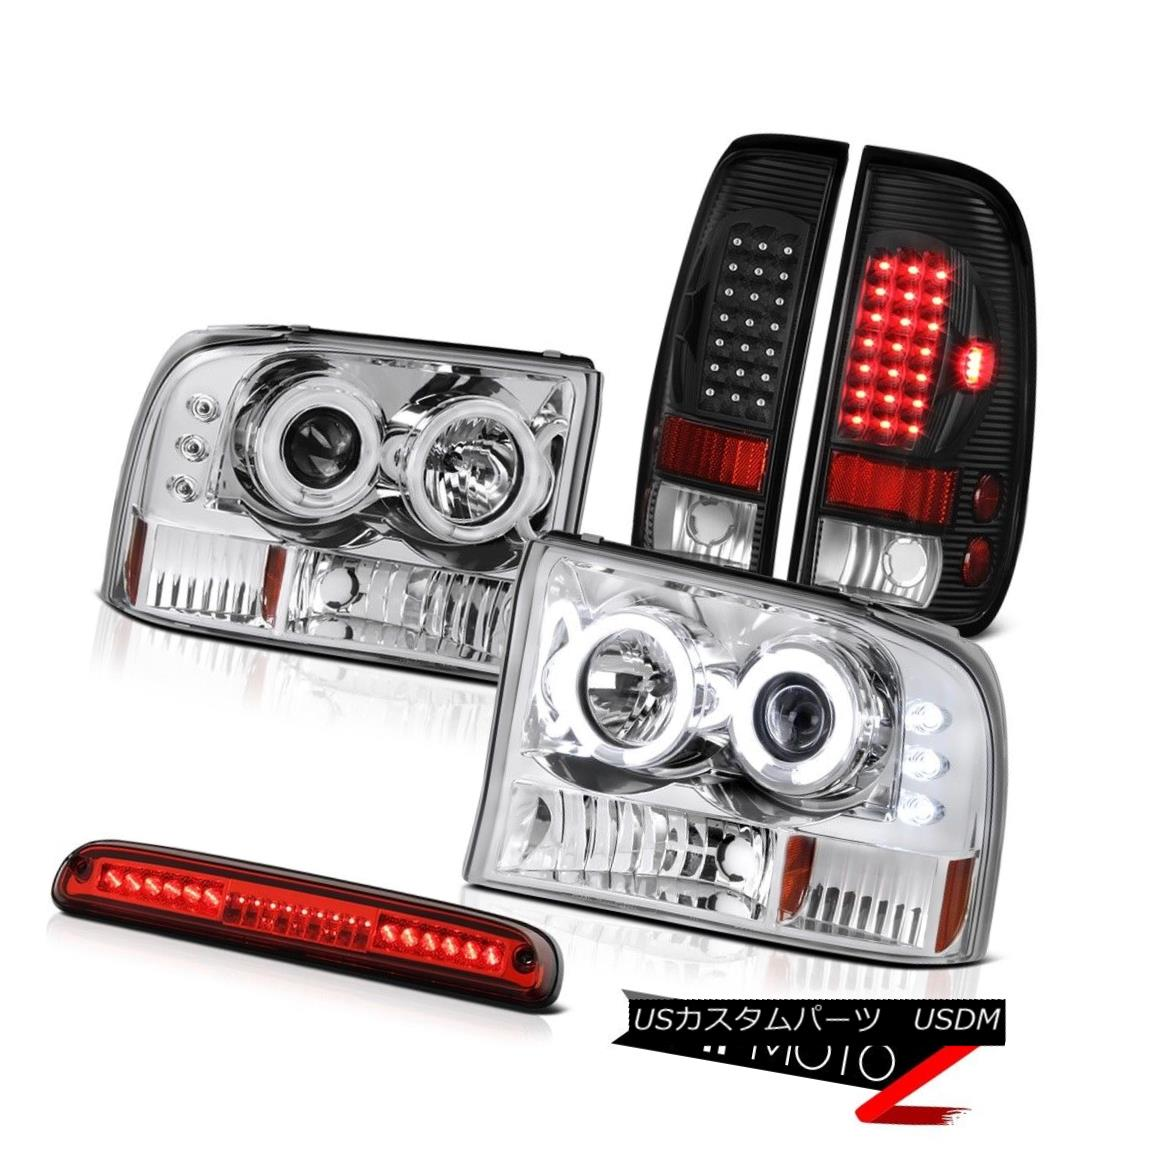 テールライト 99 00 01 02 03 04 Ford F250 Halo CCFL Headlamps Bulbs Tail Wine Red Third Brake 99 00 01 02 03 04フォードF250ハローCCFLヘッドランプ球根テールワインレッド第3ブレーキ